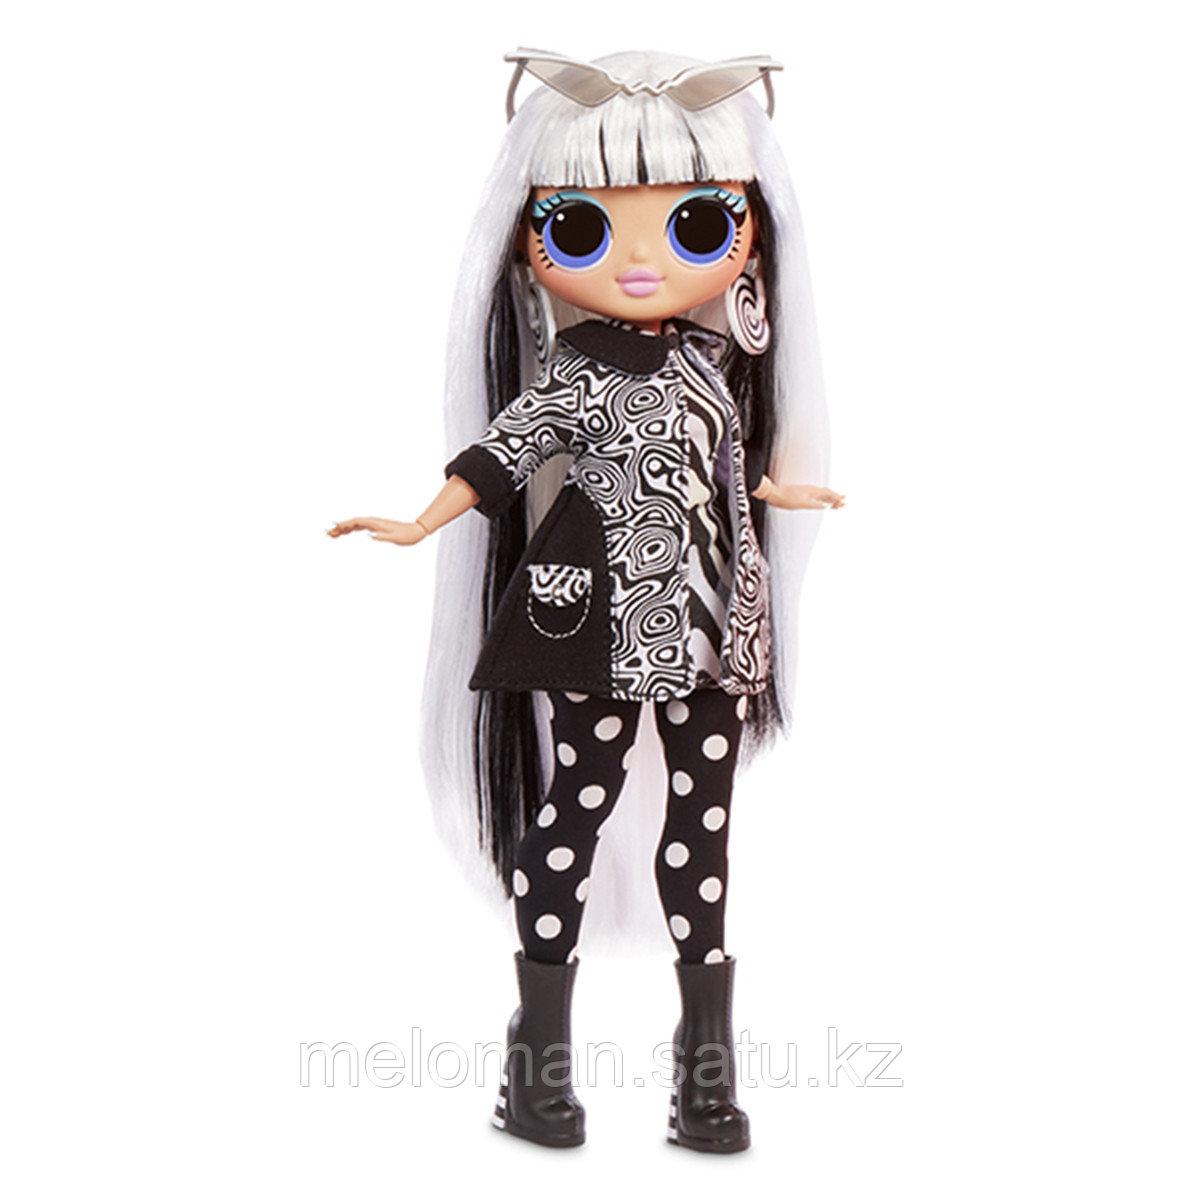 L.O.L.: Кукла OMG серия Неон Groovy Babe - фото 2